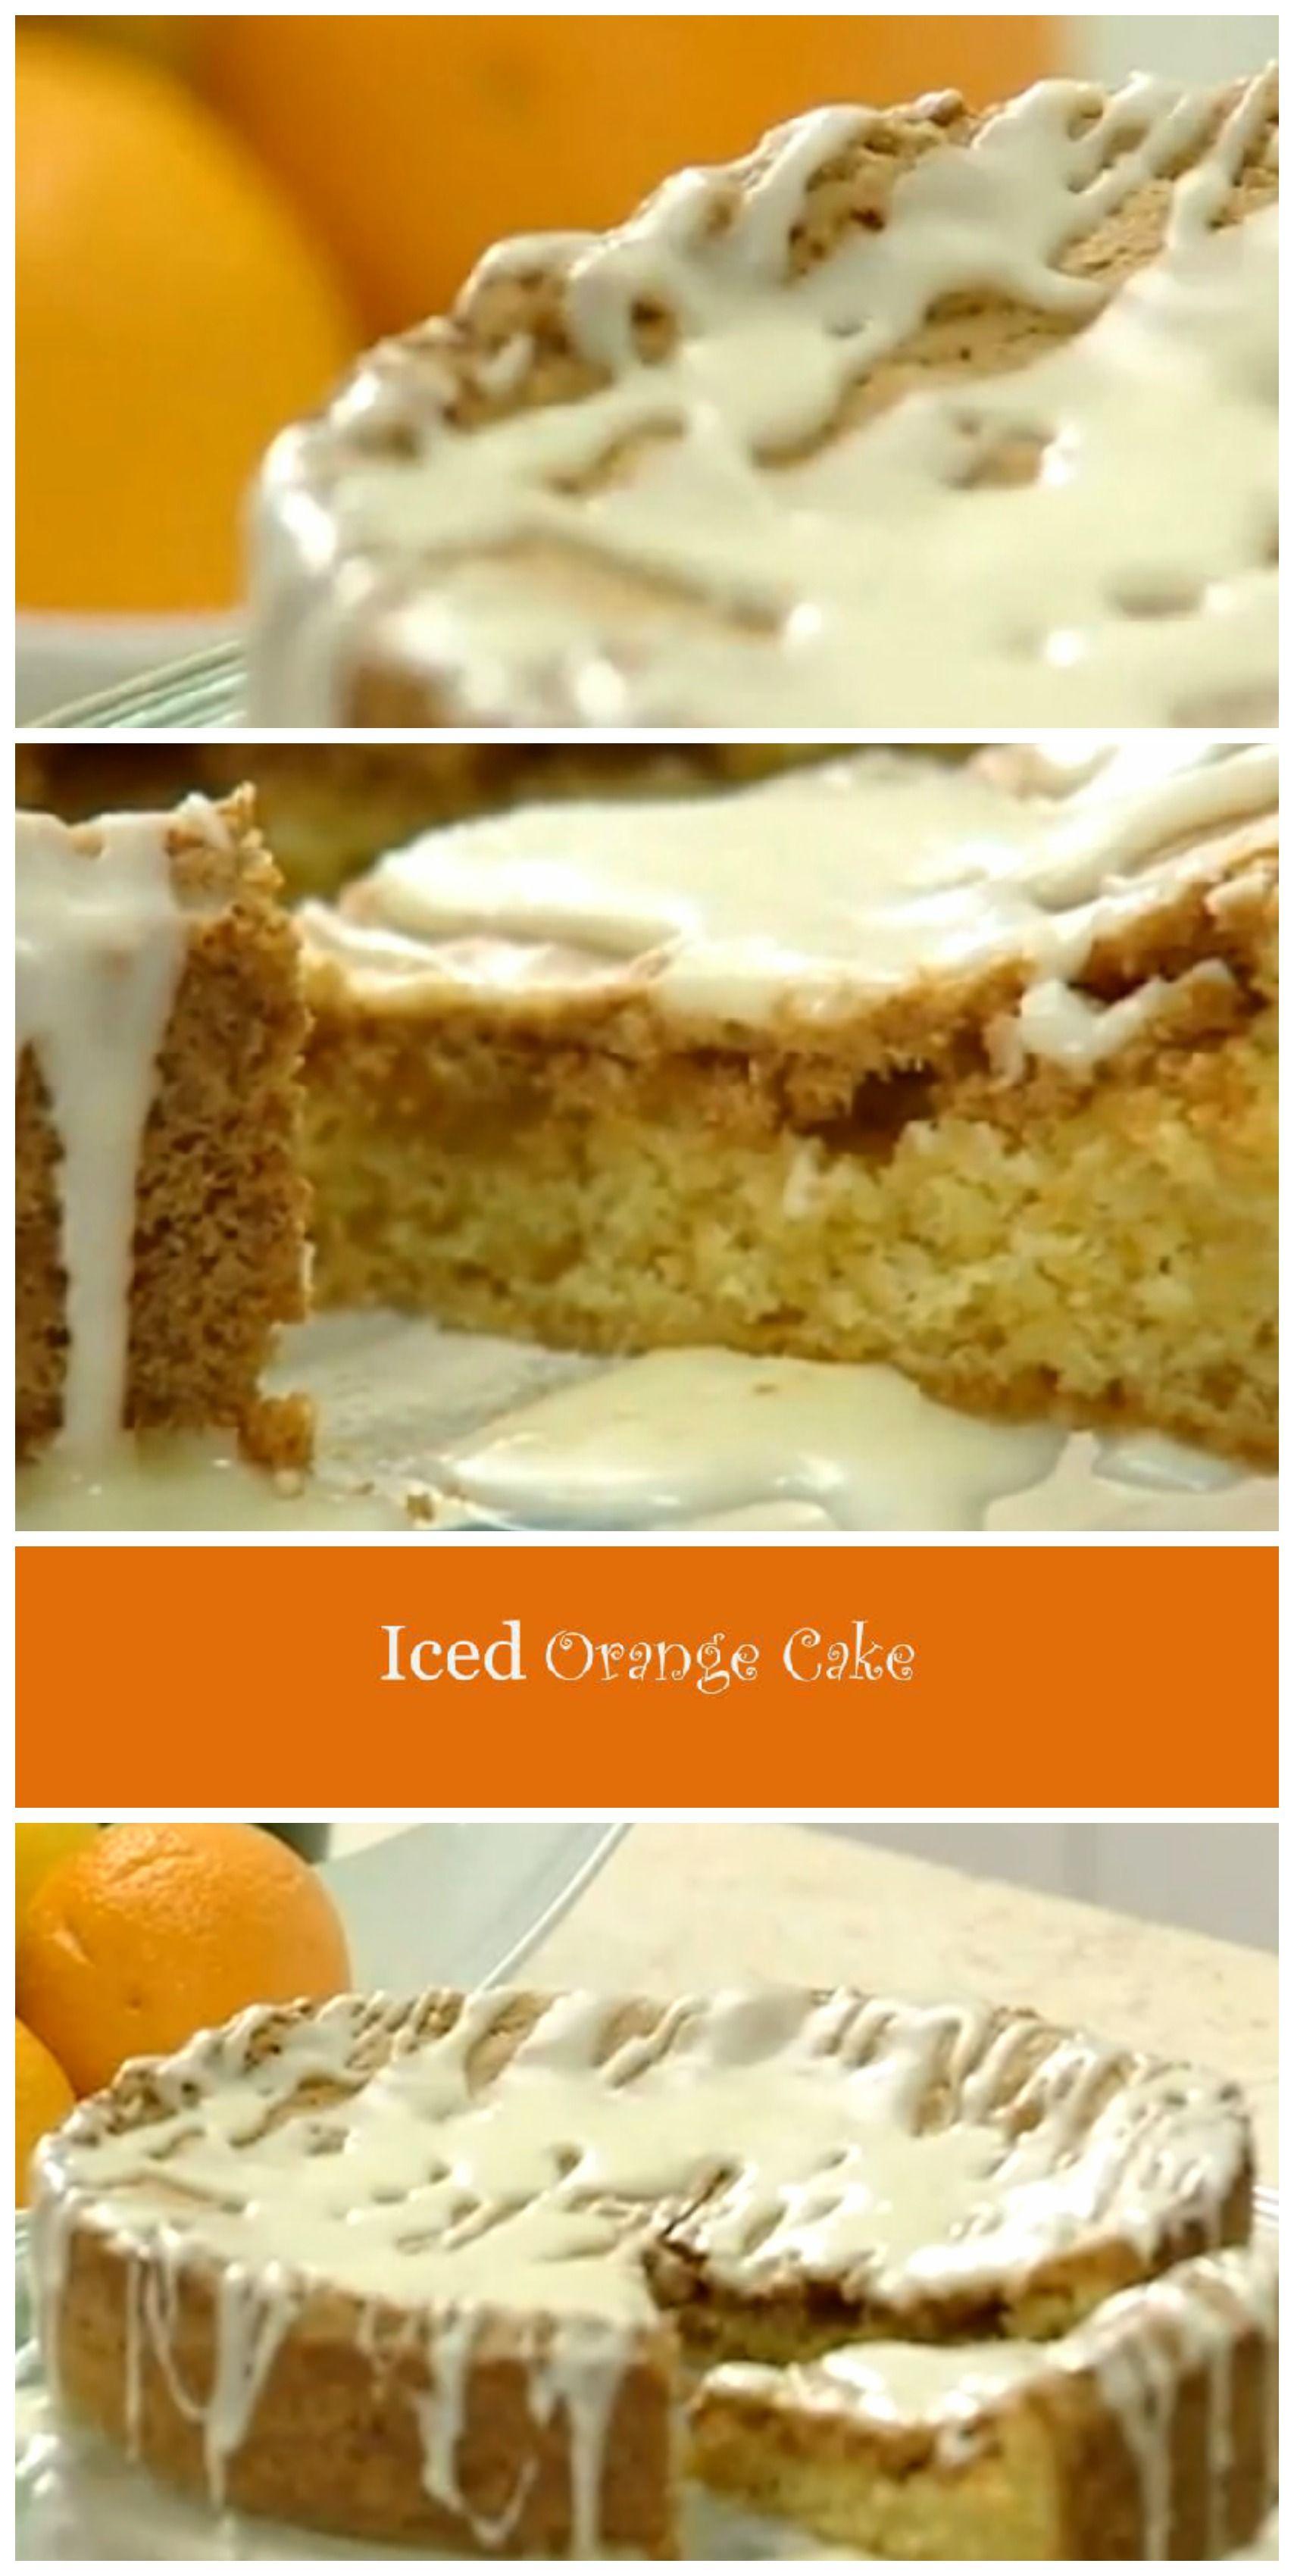 Orange cake recipe video